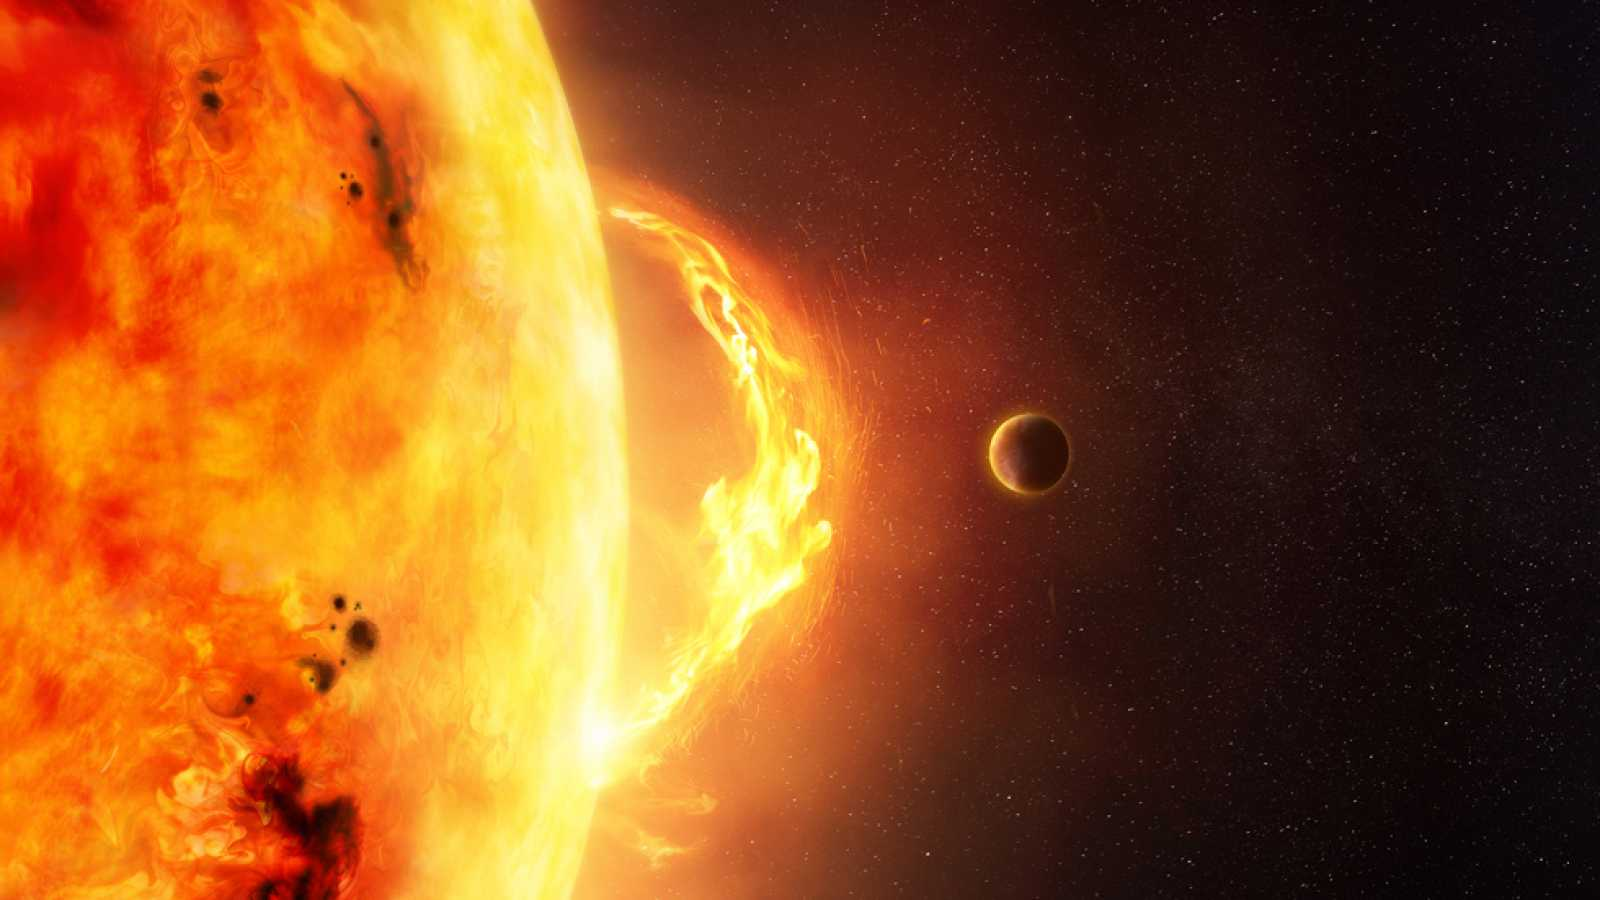 Documentos RNE - Tormentas solares. Una amenaza para el siglo XXI - 10/12/16 - escuchar ahora